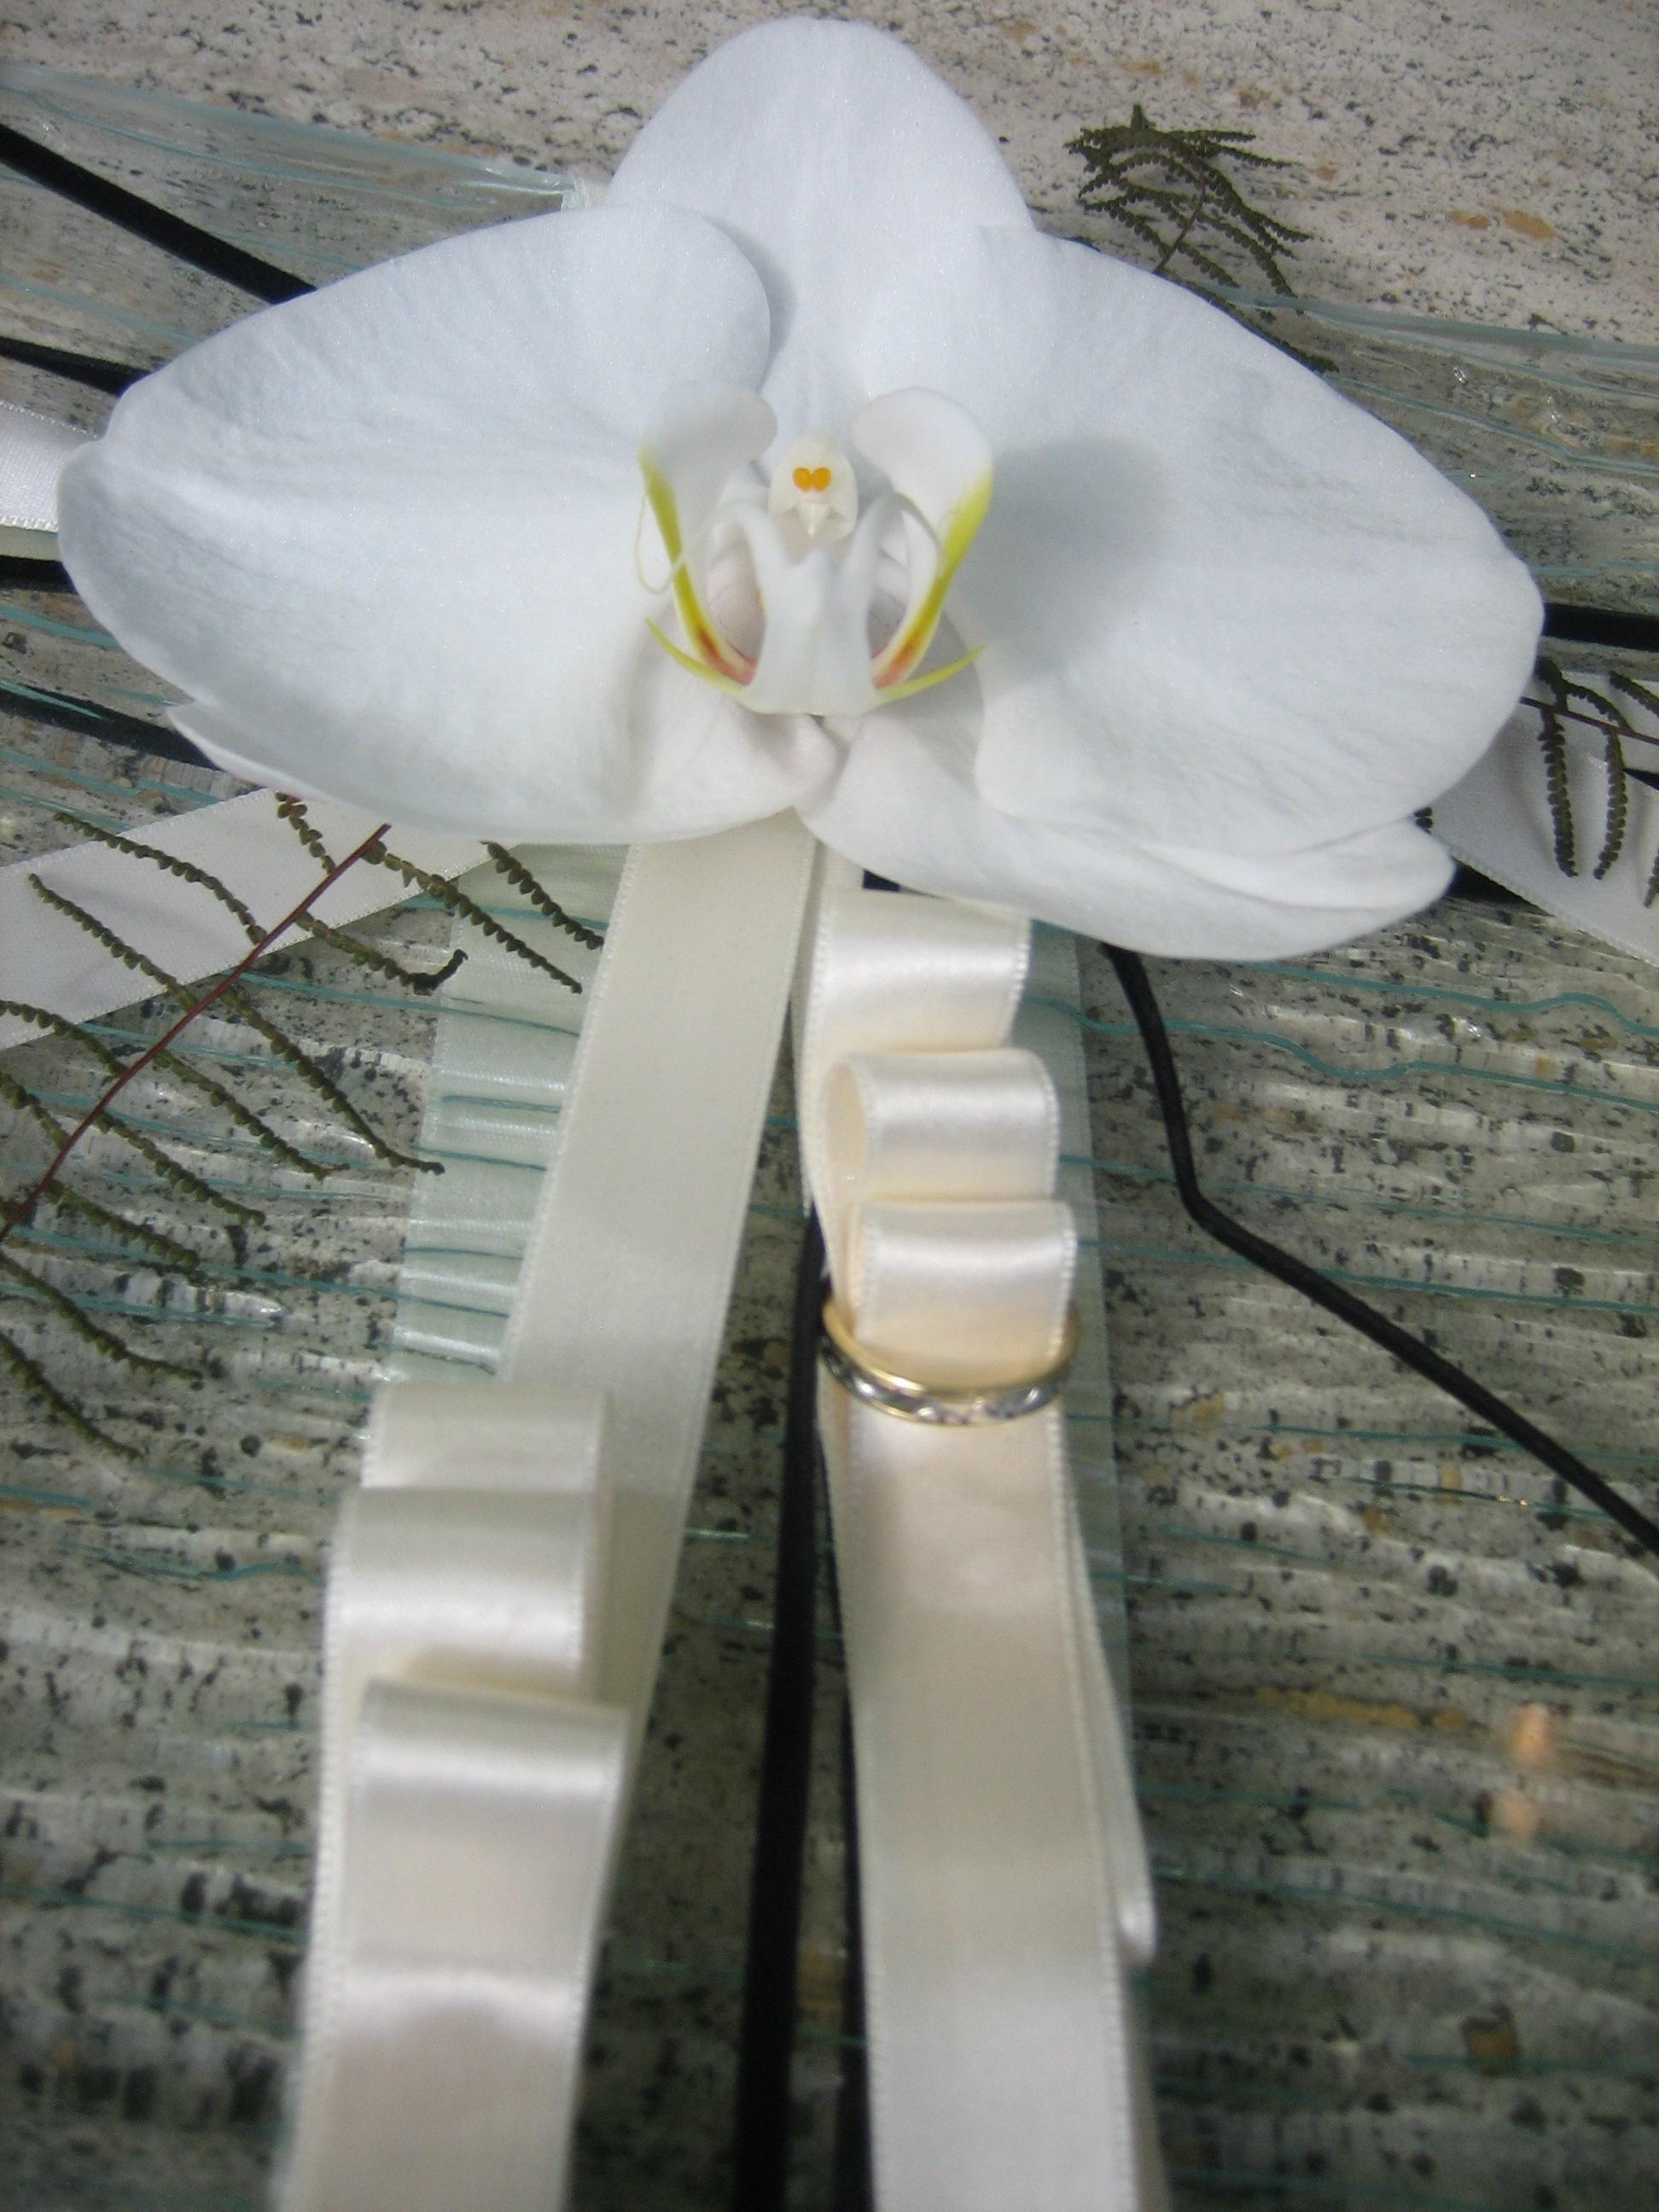 flores/galerie | Événementiel, décoration, cours d'art floral, cours